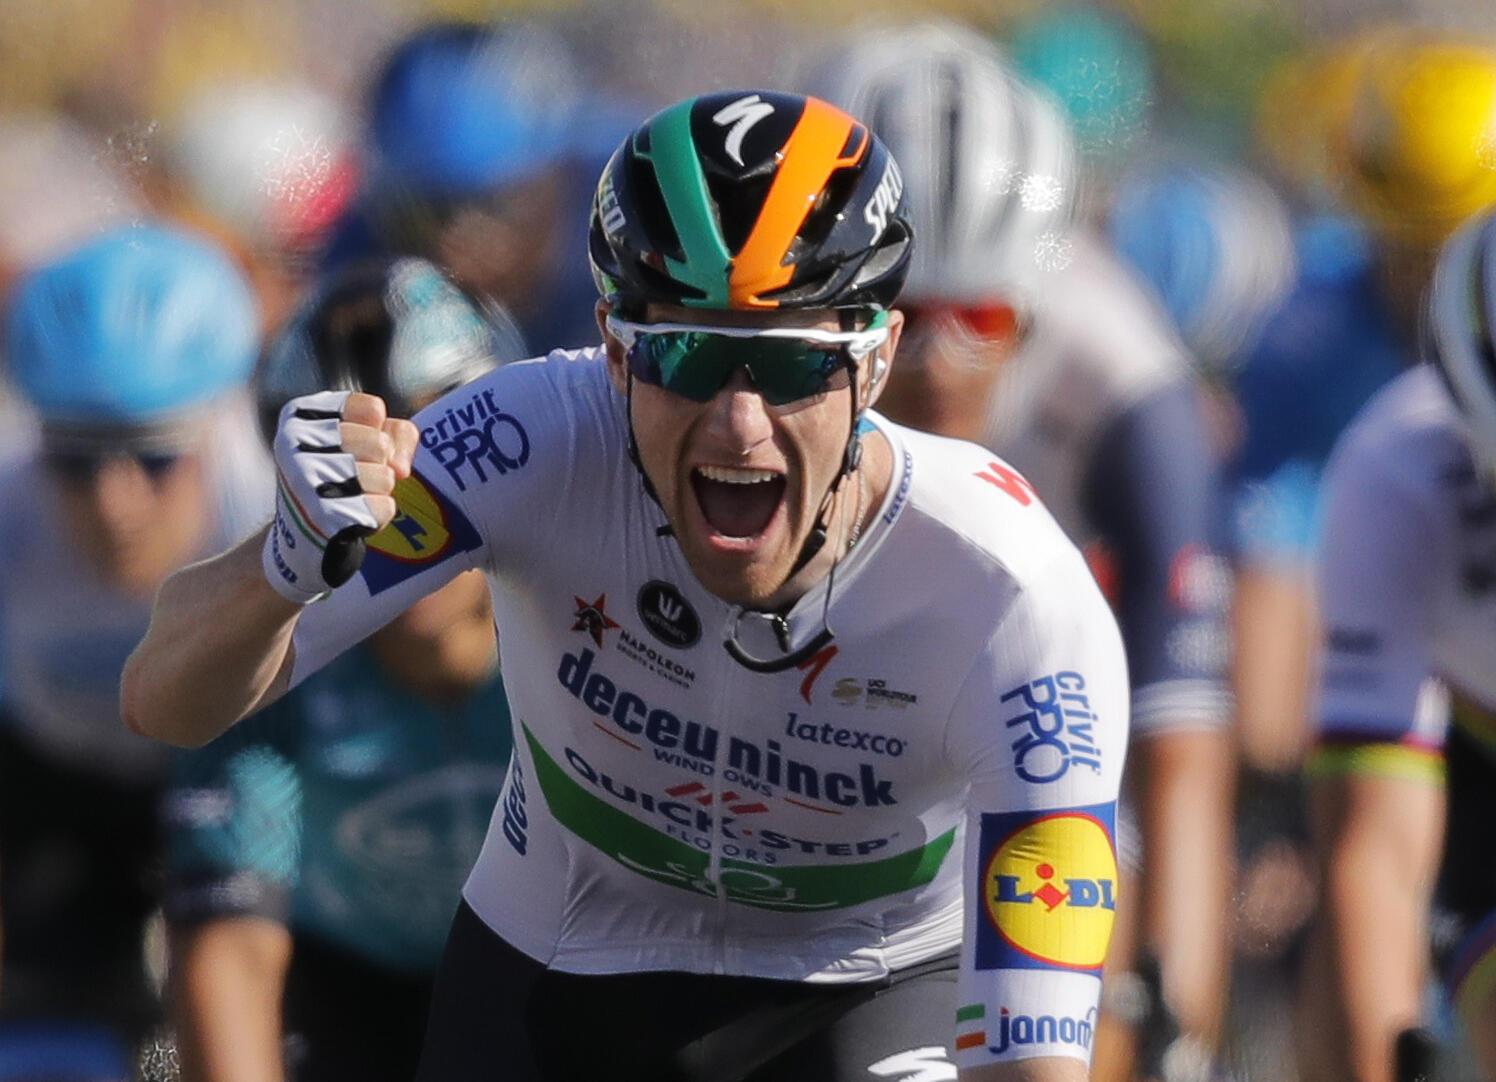 Doble premio para el campeón nacional de Irlanda. Sam Bennett firmó su primera victoria de etapa en el Tour batiendo en el embalaje a Caleb Ewan y a Peter Sagan, al que le arrebató de paso el maillot verde.